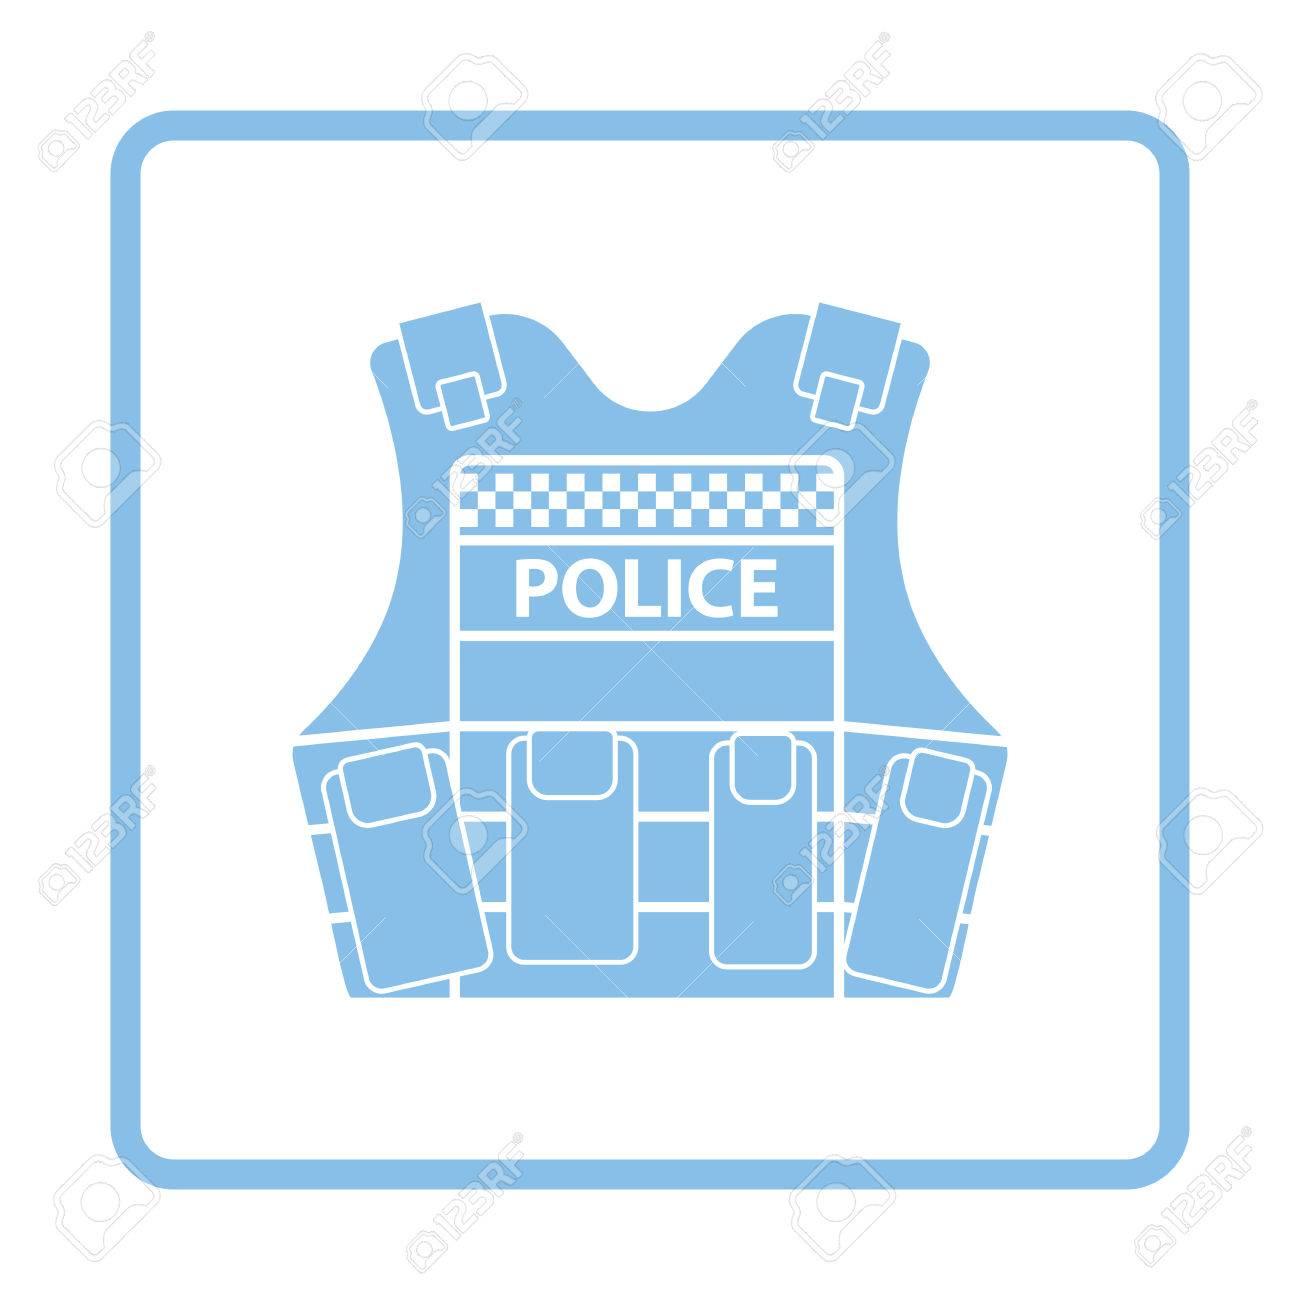 Icono De Chaleco De Policía. Diseño De Marco Azul. Ilustración ...